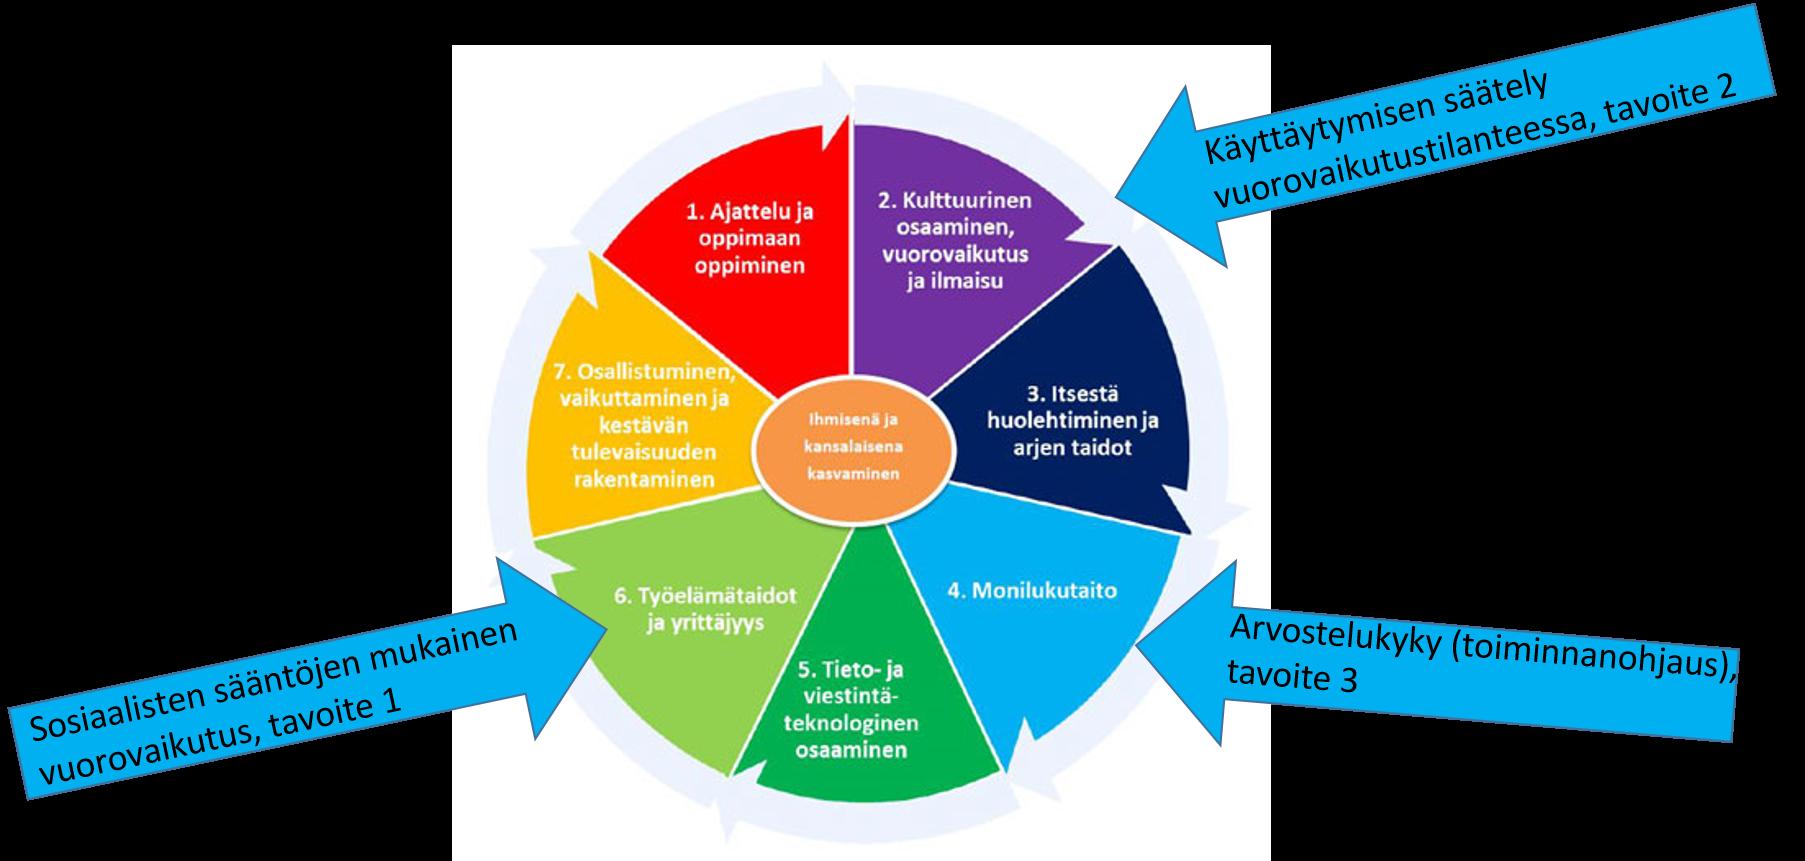 Kuvassa on väriympyrä, joka on jaettu seitsemään sektoriin ja ympyrän keskellä on soikio, johon on kirjattu:  ihmisenä ja kansalaisena kasvaminen. Sen ympärillä oleviin sektoreihin on kirjattu laaja-alaisen osaamisen alueet: 1. Ajattelu ja oppimaan oppiminen, 2. Kulttuurinen osaaminen, vuorovaikutus ja ilmaisu, 3. Itsestä huolehtiminen ja arjen taidot, 4. Monilukutaito, 5. Tieto- ja viestintäteknologinen osaaminen, 6. Työelämätaidot ja yrittäjyys, 7. Osallistuminen, vaikuttaminen ja kestävän tulevaisuuden rakentaminen. Väriympyrän ulkopuolella on kolme nuolta, jotka osoittavat värisektoria. Nuoliin on kirjattu edellisessä kuviossa 4. nimetyt tavoitteet, jotka liittyvät värisektorissa olevaan laaja-alaiseen osaamiseen. Nuoli 1: sosiaalisten sääntöjen mukainen vuorovaikutus, tavoite 1 (osoittaa kohtaan L6 Työelämätaidot ja yrittäjyys). Nuoli 2: käyttäytymisen säätely vuorovaikutustilanteessa, tavoite 2 (osoittaa kohtaan L2 Kulttuurinen osaaminen, vuorovaikutus ja ilmaisu). Nuoli 3: arvostelukyky, toiminnanohjaus (osoittaa kohtaan L4 Monilukutaito).